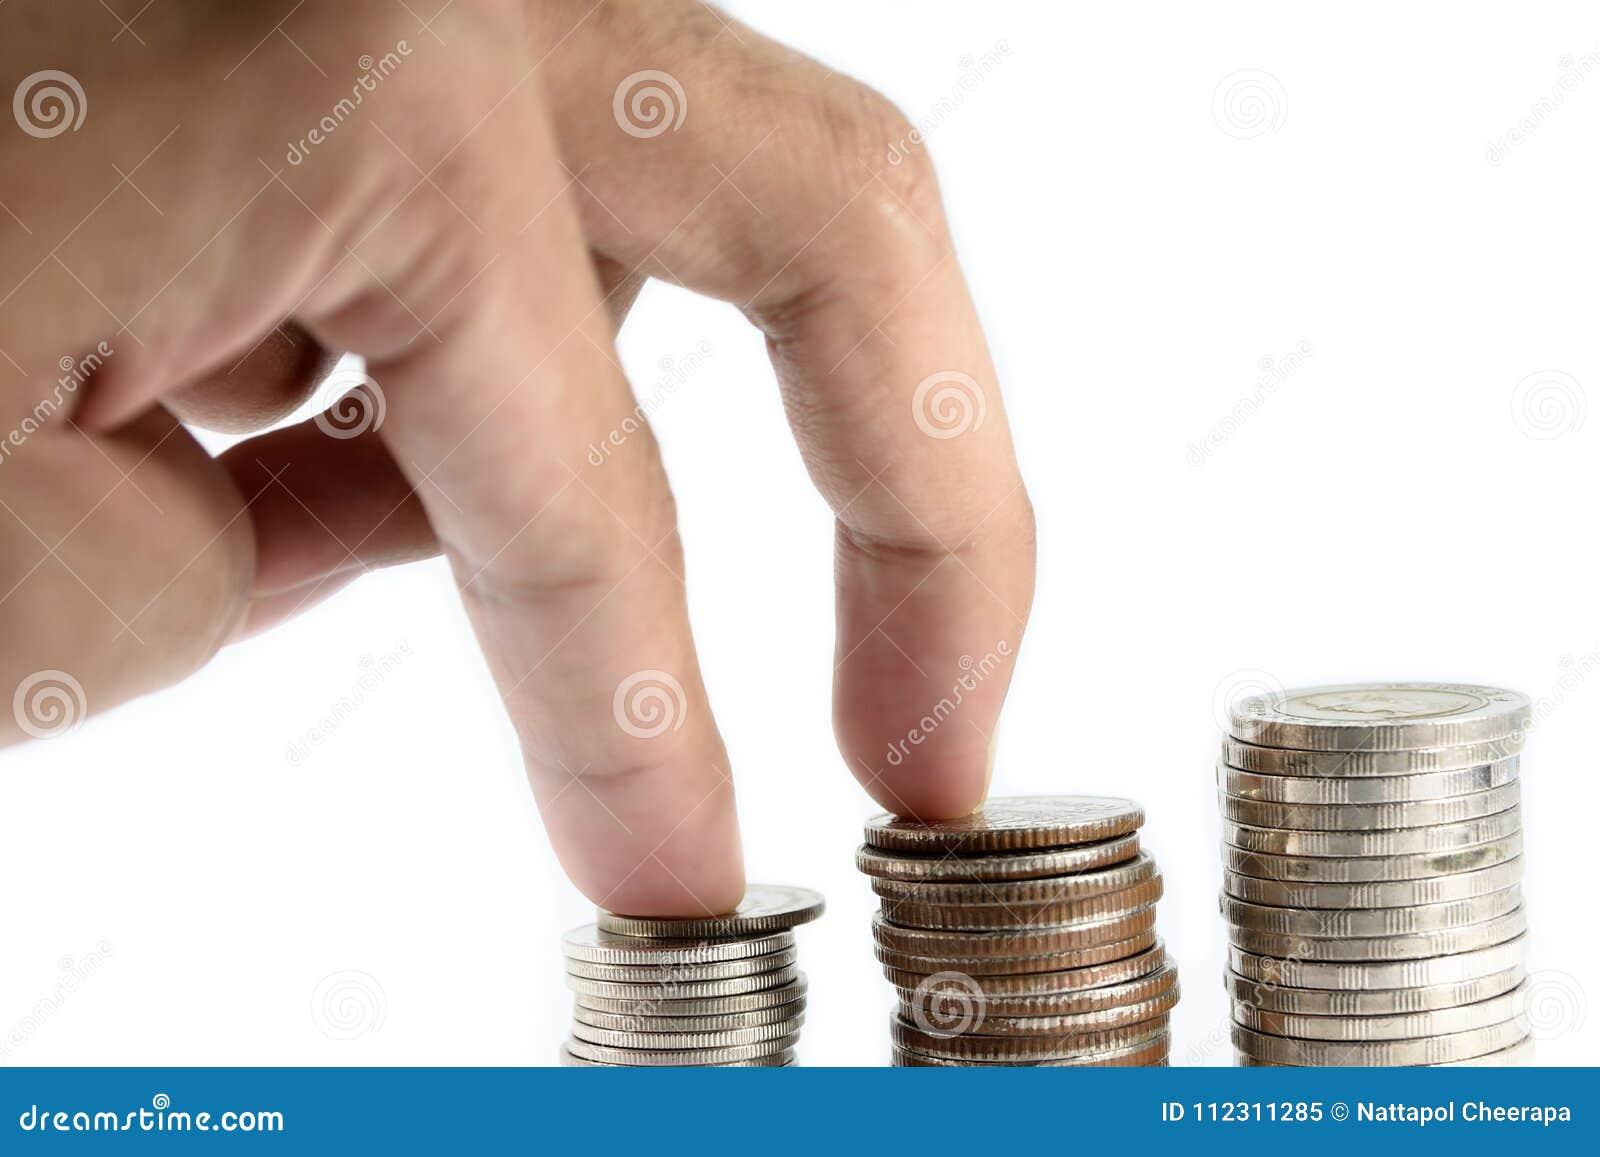 Η πράξη δάχτυλων περπατούσε το steadity στην ασημένια κόλλα νομισμάτων είναι στη γραμμή ως πειθαρχία